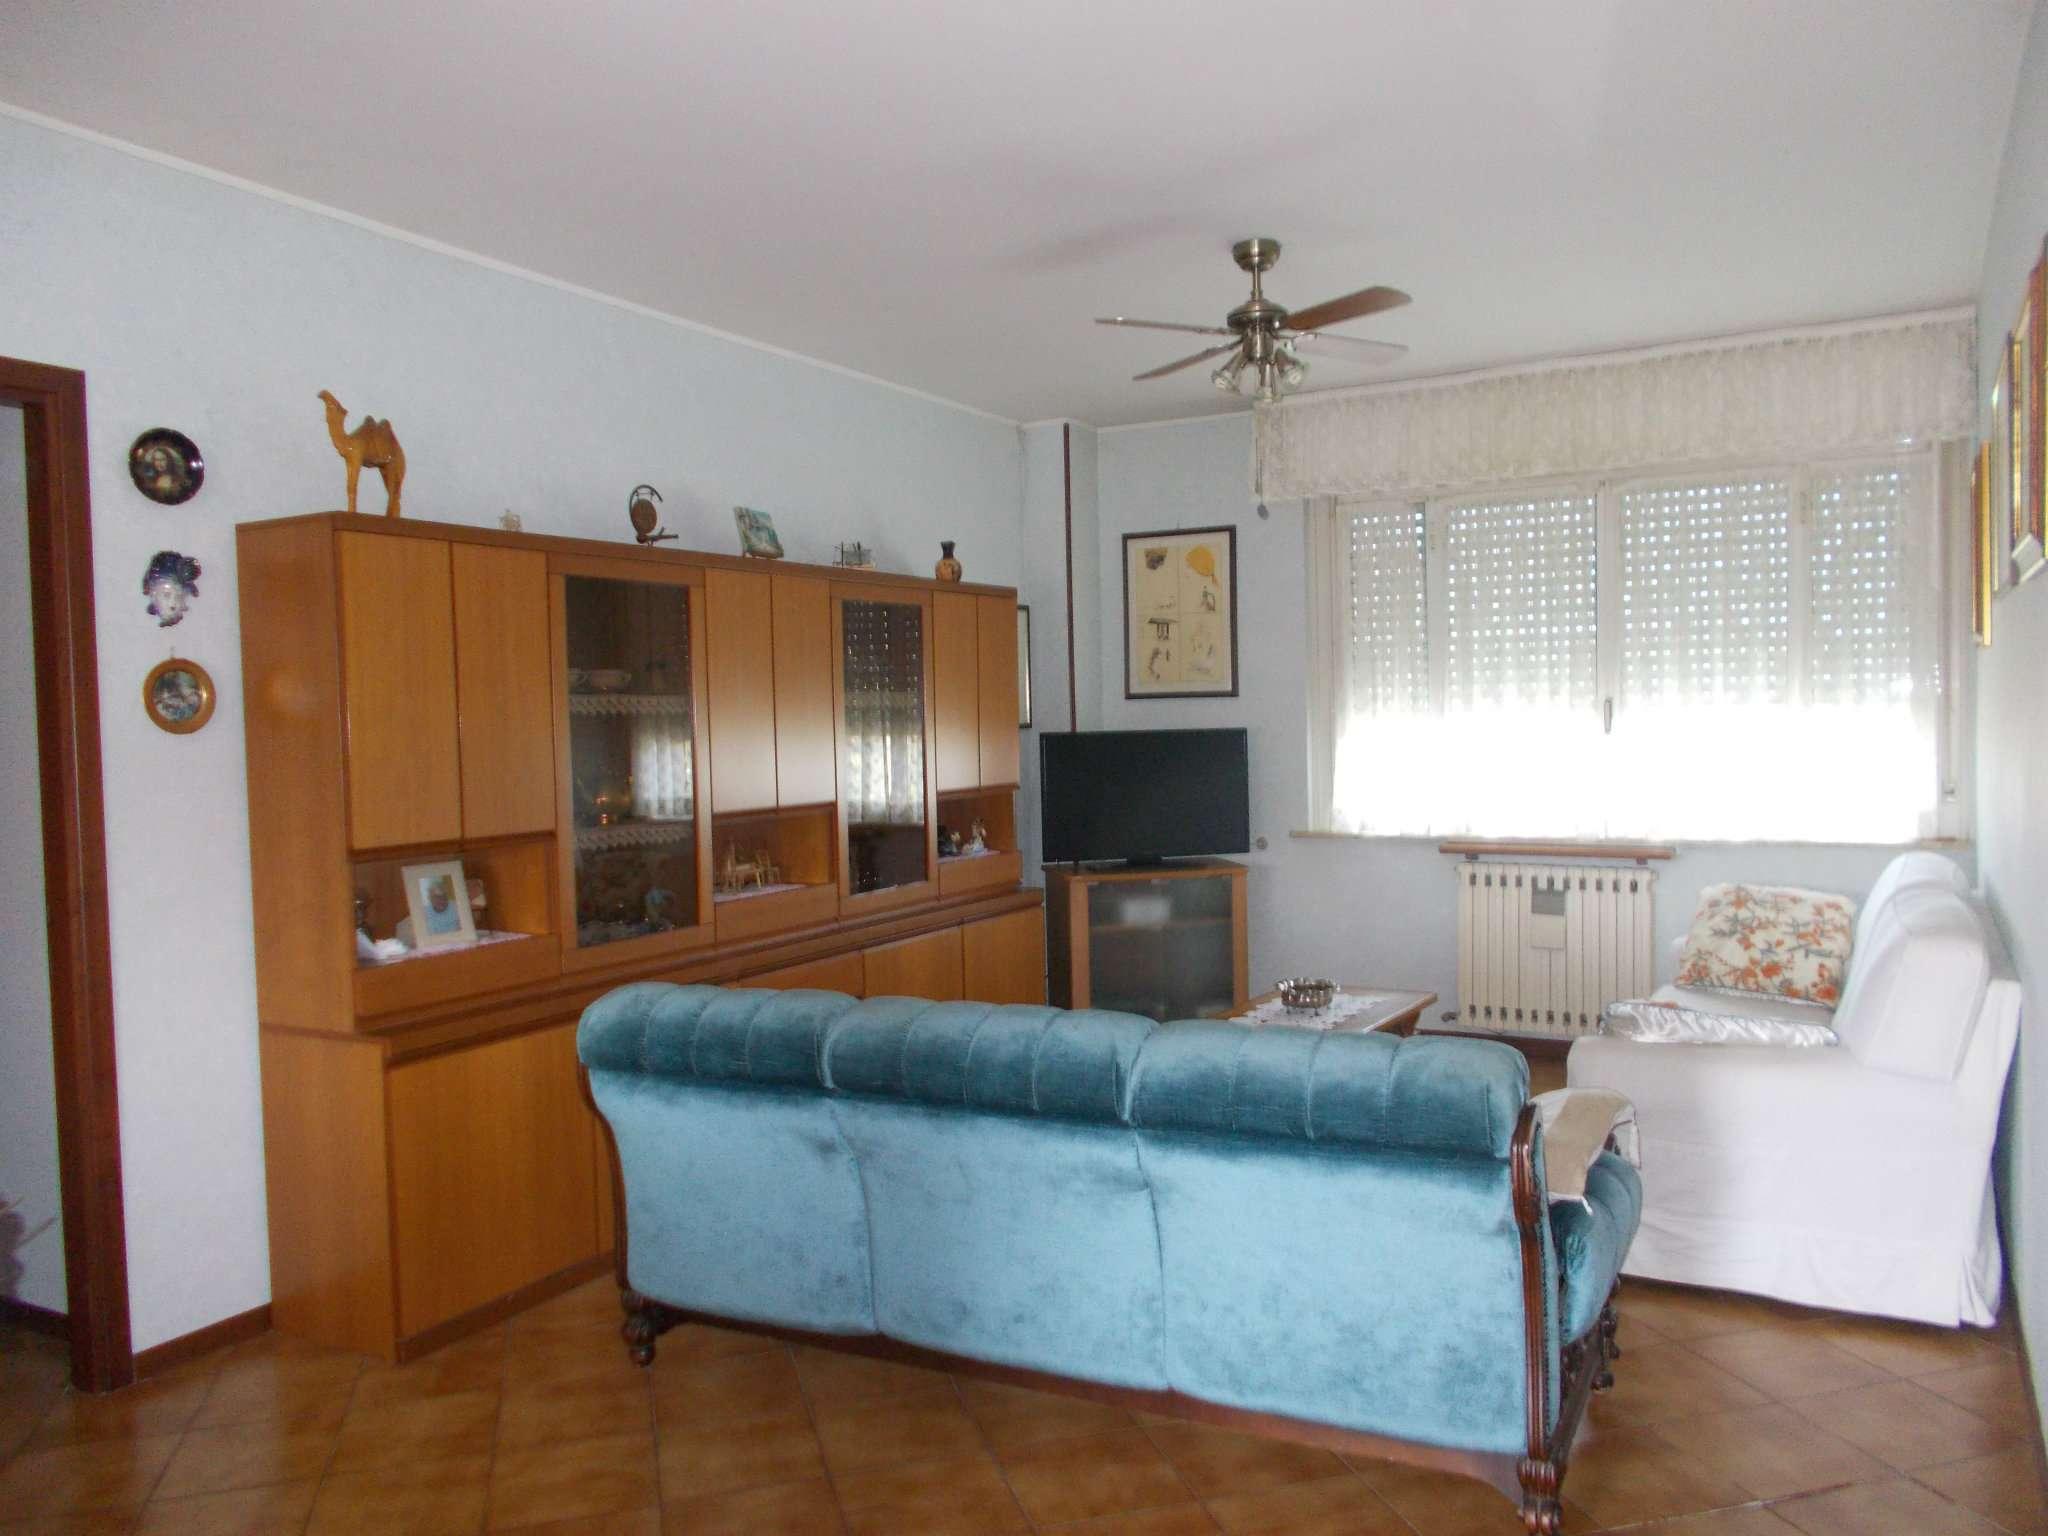 Appartamento in vendita a Quattro Castella, 4 locali, prezzo € 125.000 | Cambio Casa.it